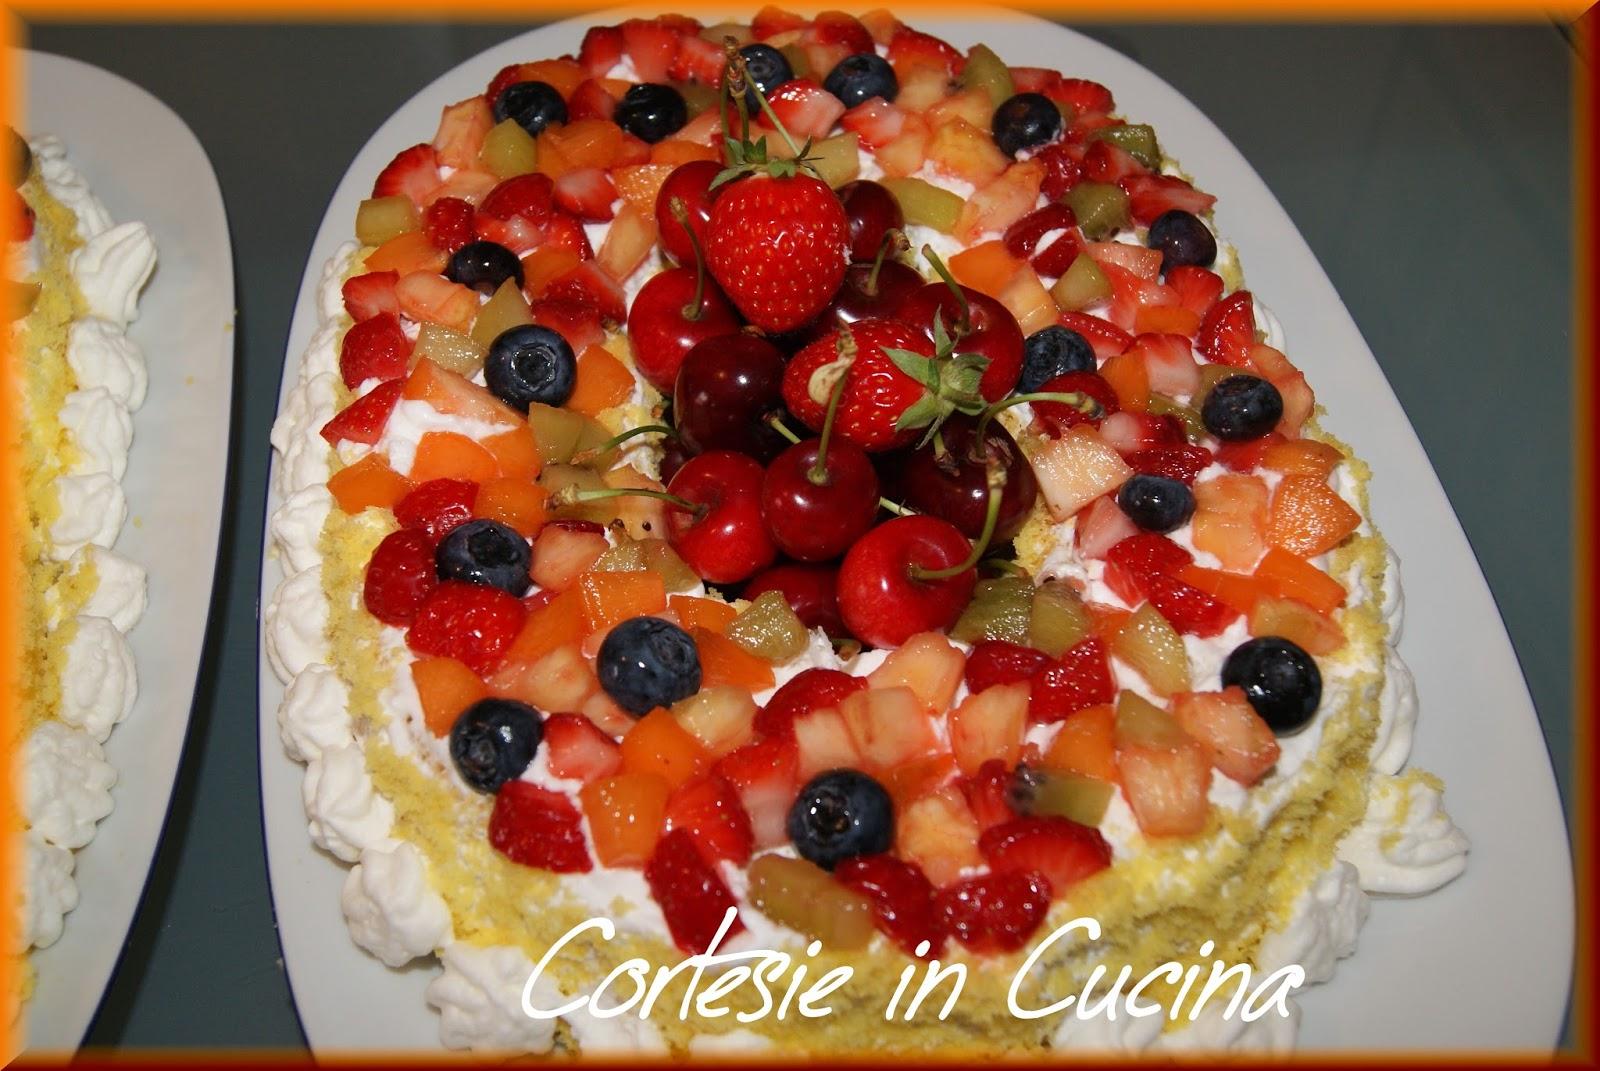 Cortesie in cucina torta di compleanno con frutta fresca for Isola cucina a forma di torta